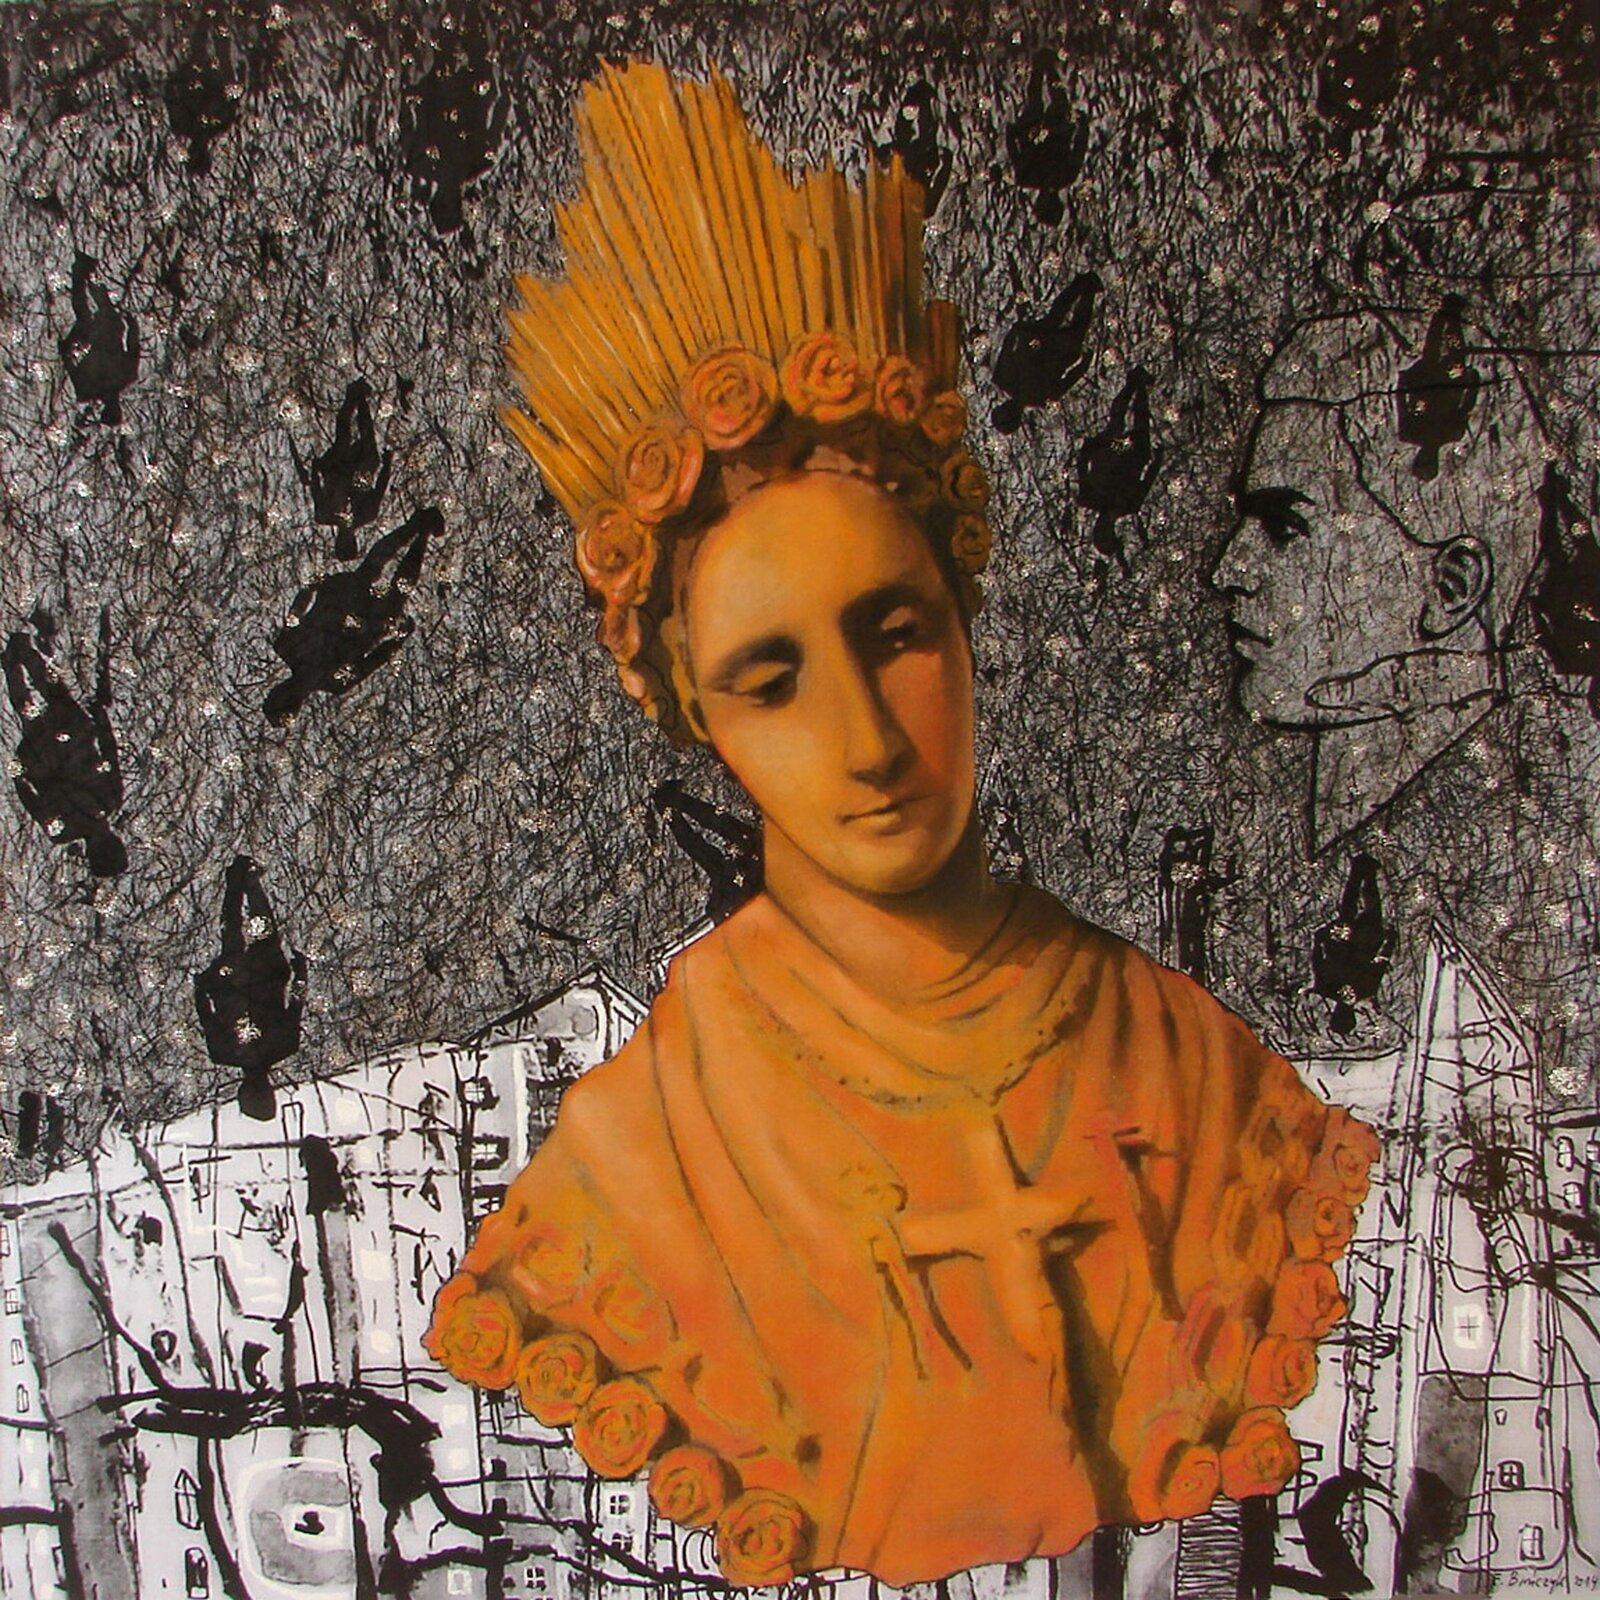 """Ilustracja przedstawia obraz """"Ikona"""" autorstwa Ewy Bińczyk. Wcentrum kompozycji ukazane zostało pomarańczowe popiersie kobiety wstrzelistej, otoczonej wiankiem róż koronie. Na piersiach postaci znajduje się duży krzyż zChrystusem. Draperia szaty okrywająca jej ramiona również wykończona jest różami. Wzrok kobiety opuszczony jest wdół. Popiersie, jakby lewituje na szaro-czarnym, graficznym tle rysowanego uproszczoną kreską miasta. Dolną, węższą partię drugiego planu stanowią jasne budynki bloków, nad nimi rozpościera się szara przestrzeń luźno pokrytego pętlami linii nieba, na którym artystka umieściła czarne sylwetki, odwróconych do góry nogami postaci. Zprawej strony kompozycji znajduje się ledwo widoczny, rysowany cienką, czarną linią profil mężczyzny. Praca utrzymana jest wtonacji szarości zsilną dominantą pomarańczowego koloru unoszącego się popiersia kobiety."""